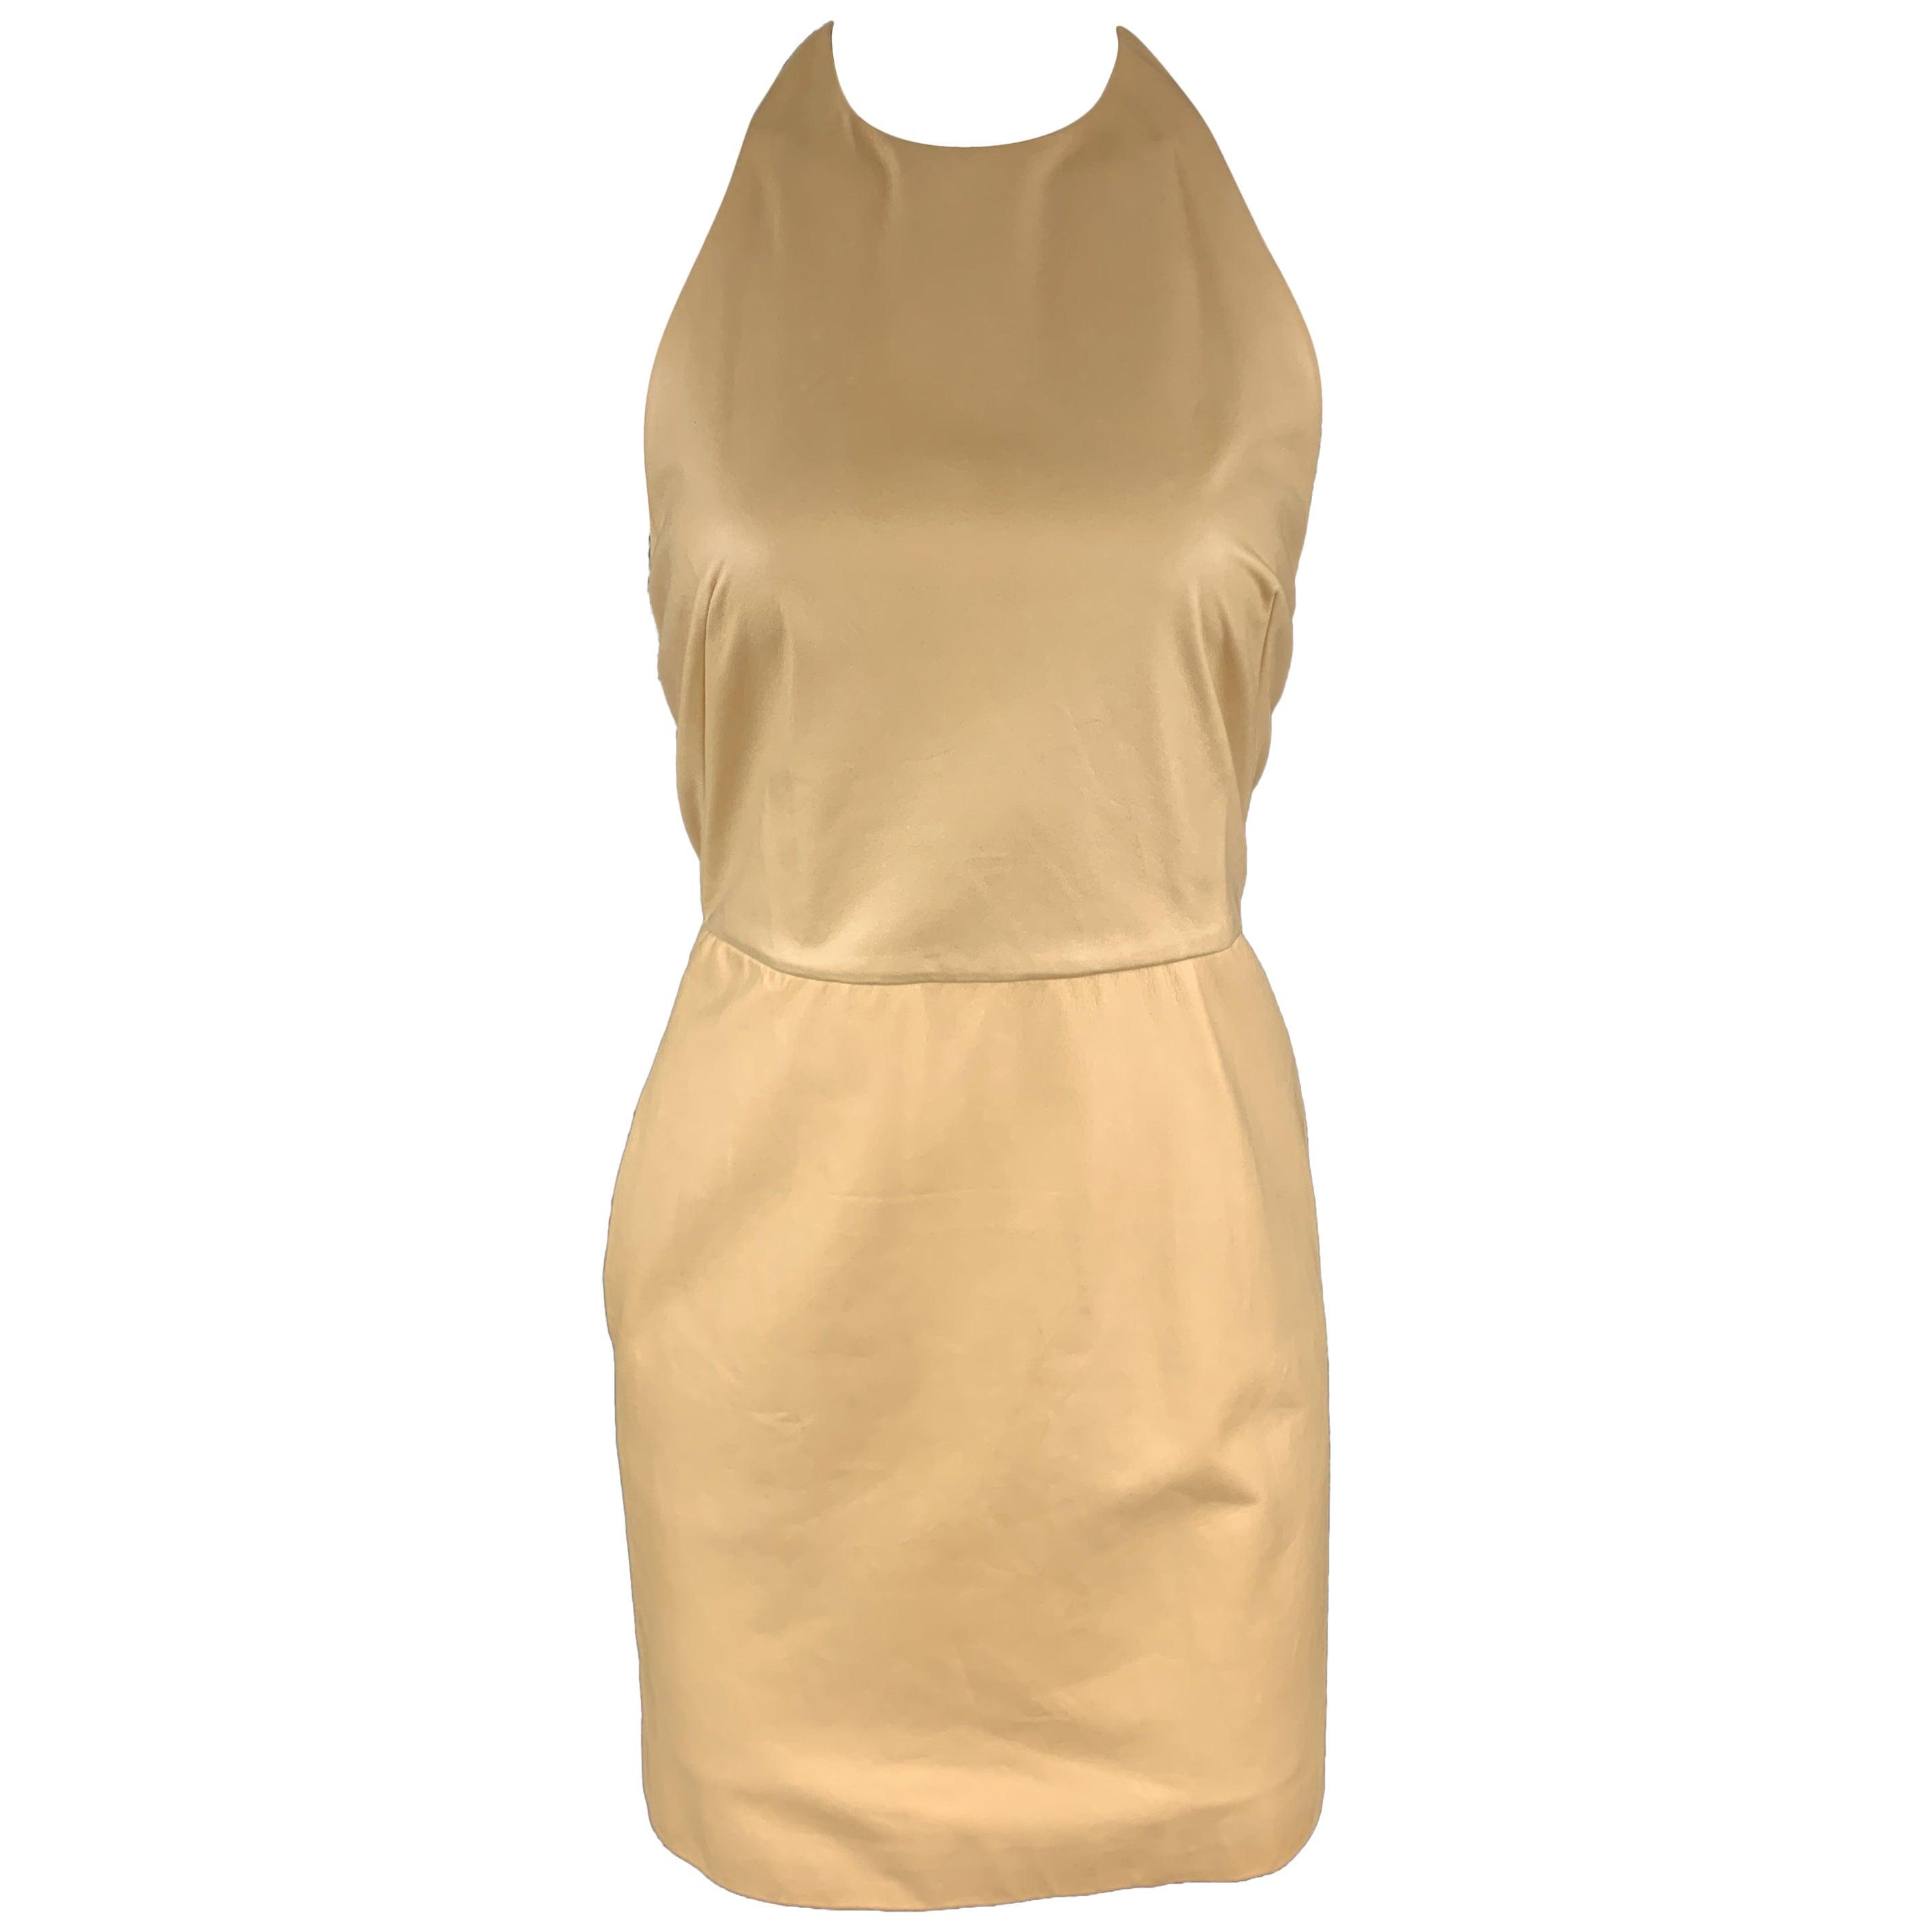 3.1 PHILLIP LIM Size 4 Camel Beige Leather Halter Dress